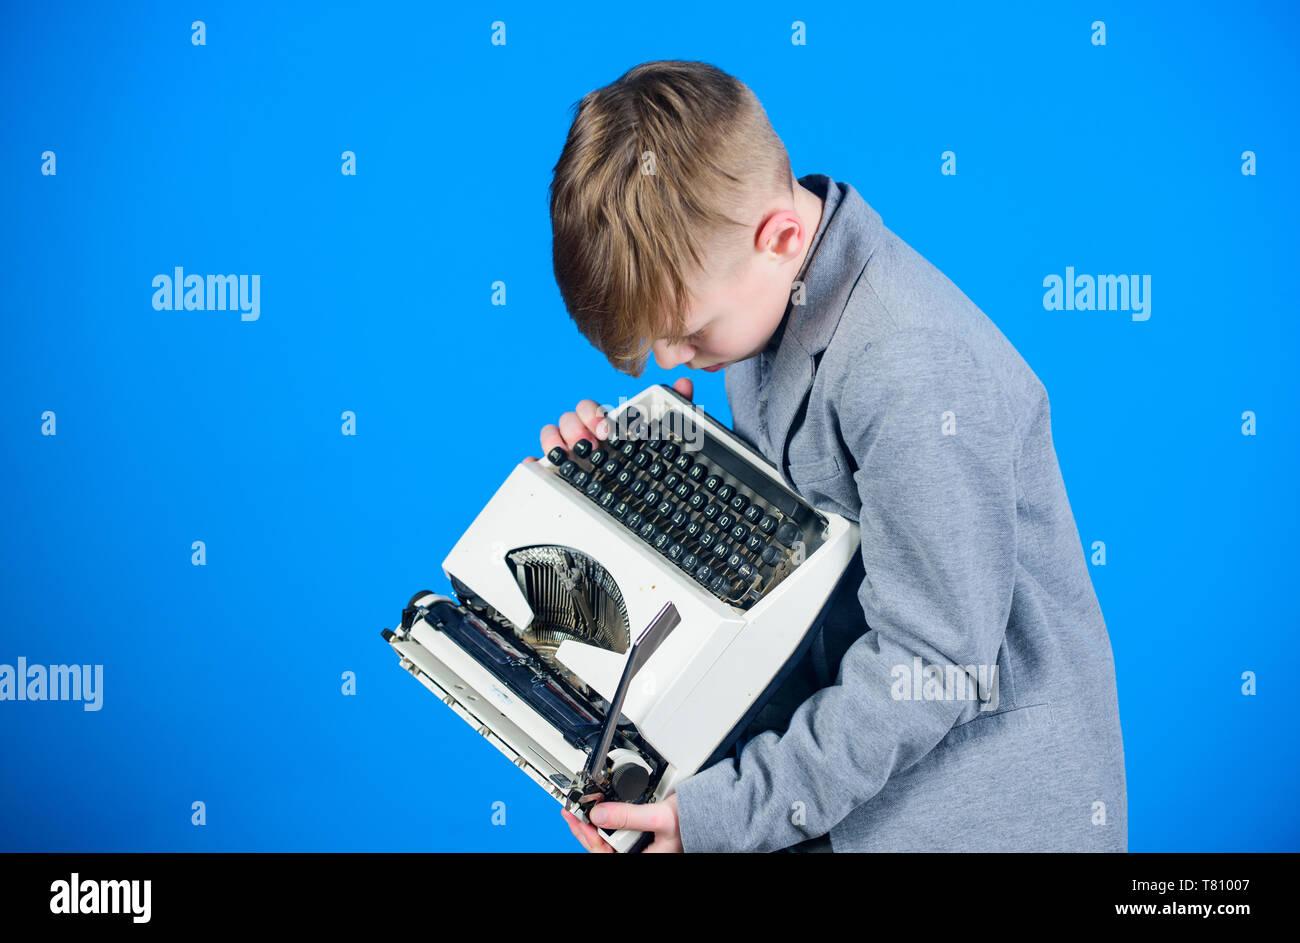 Retro et vintage. Vente-débarras. Étude rétrospective. Garçon tenir la machine à écrire rétro sur fond bleu. Que faire avec cette chose. Plus d'actualité. J'ai besoin de gadgets modernes au lieu cette rétro. Gadget désuet. Photo Stock